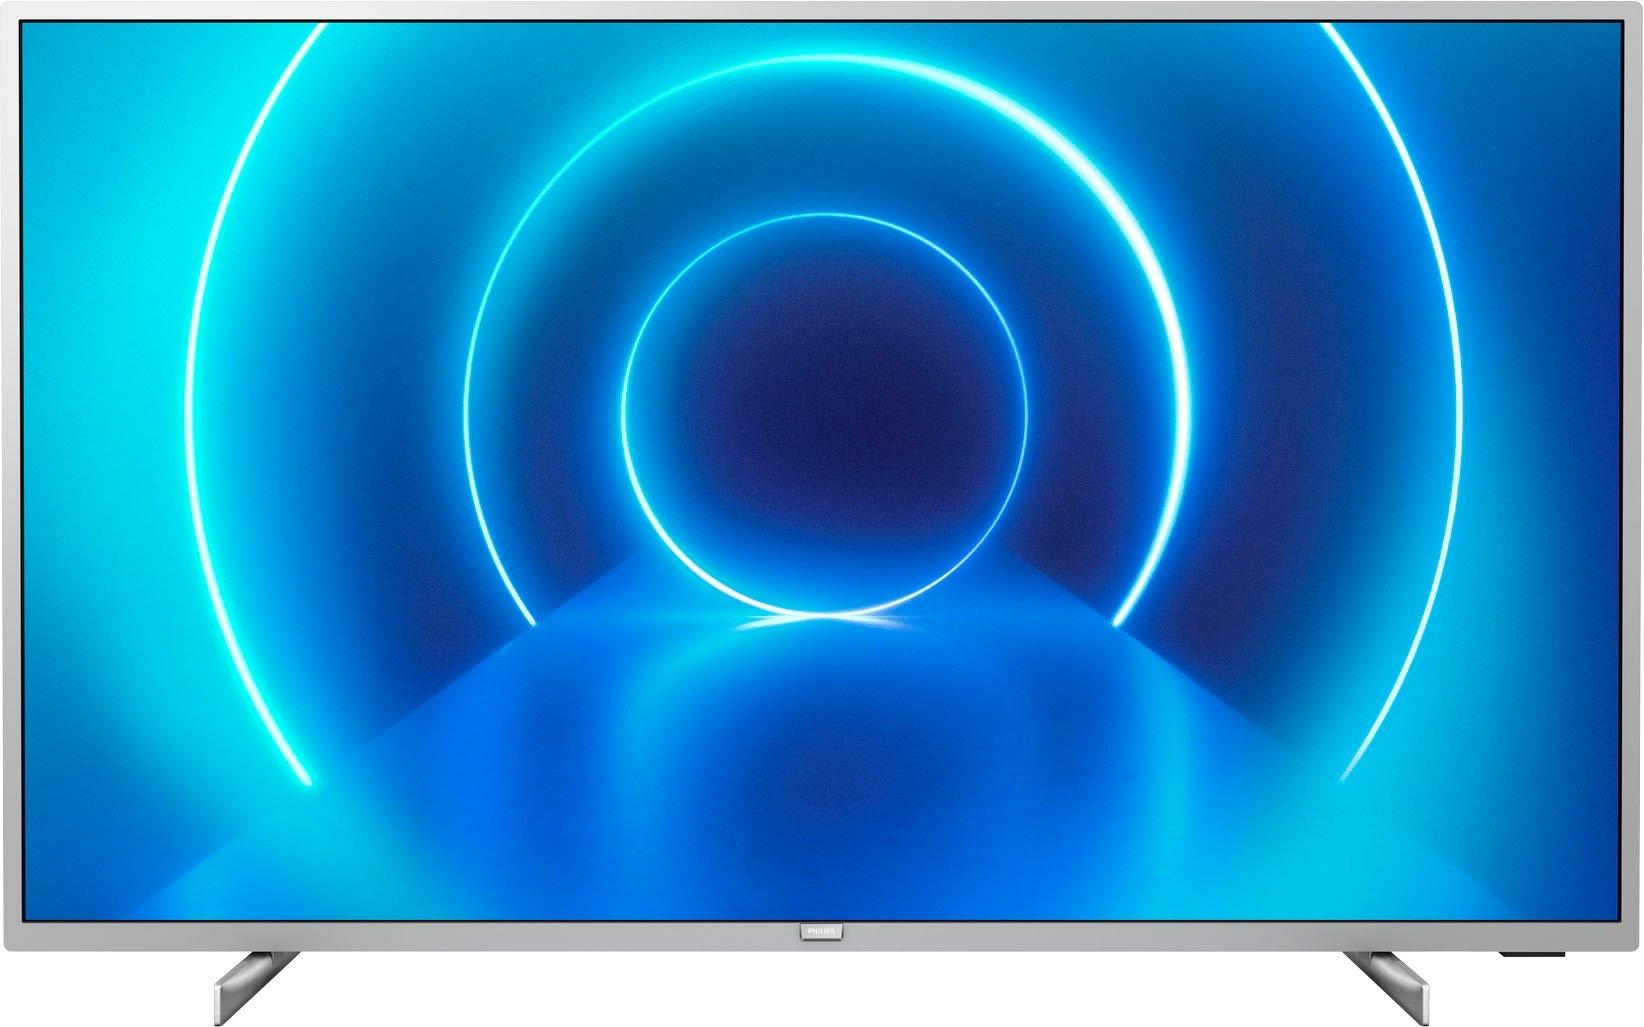 Philips LED-TV 58PUS7555/12, 146 cm / 58